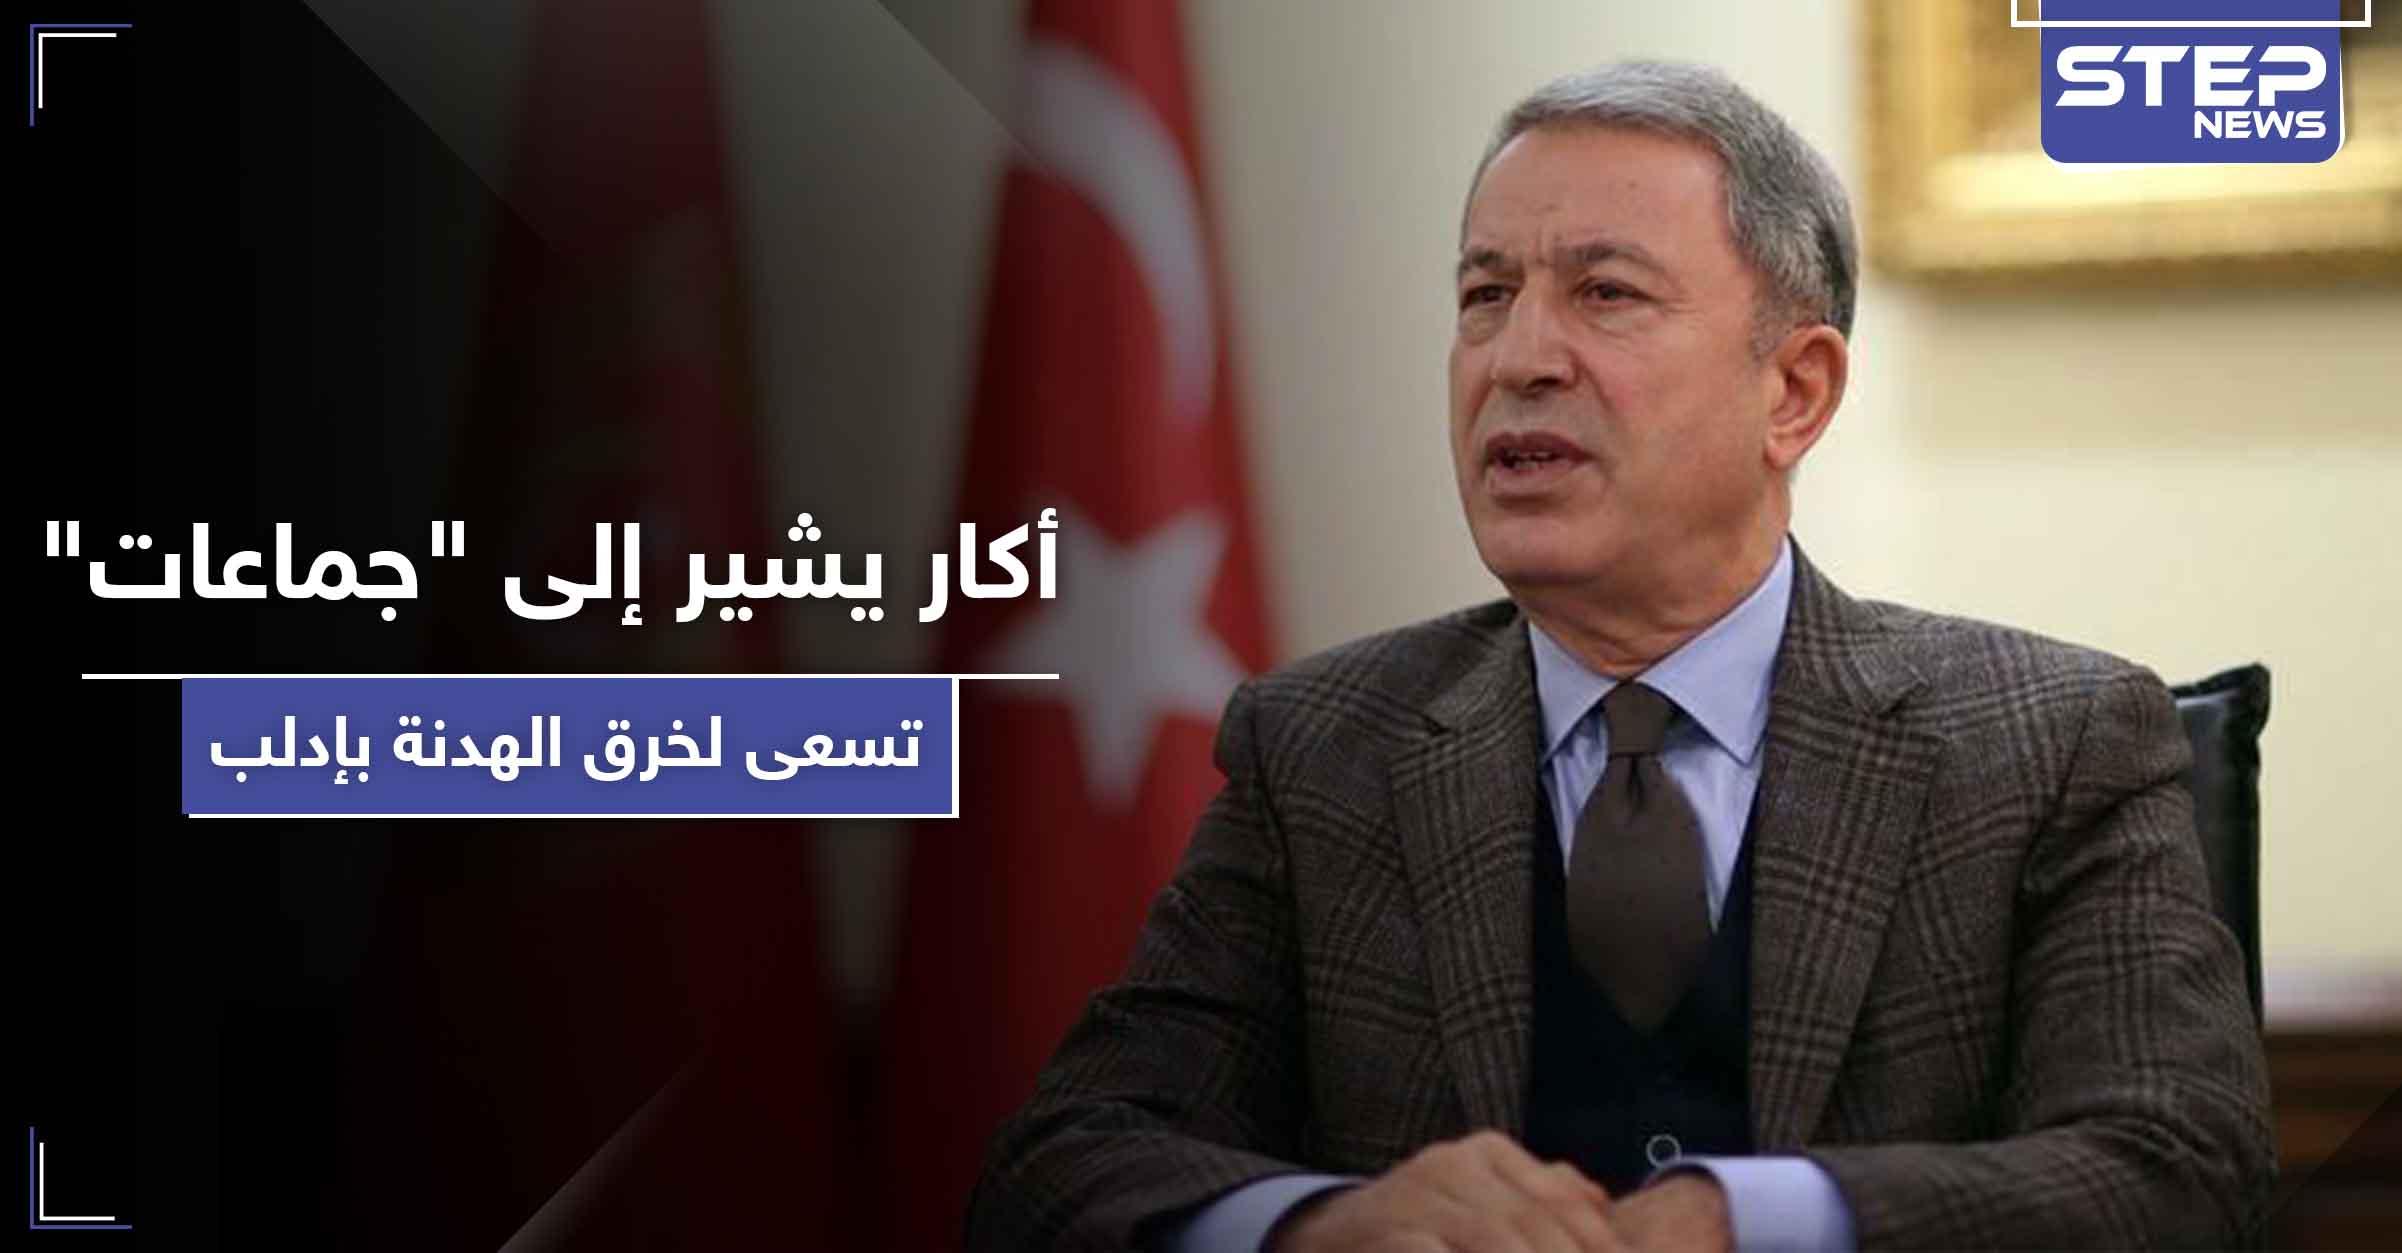 """وزير الدفاع التركي يشير إلى """"جماعات متطرفة"""" تسعى لخرق اتفاق إدلب"""